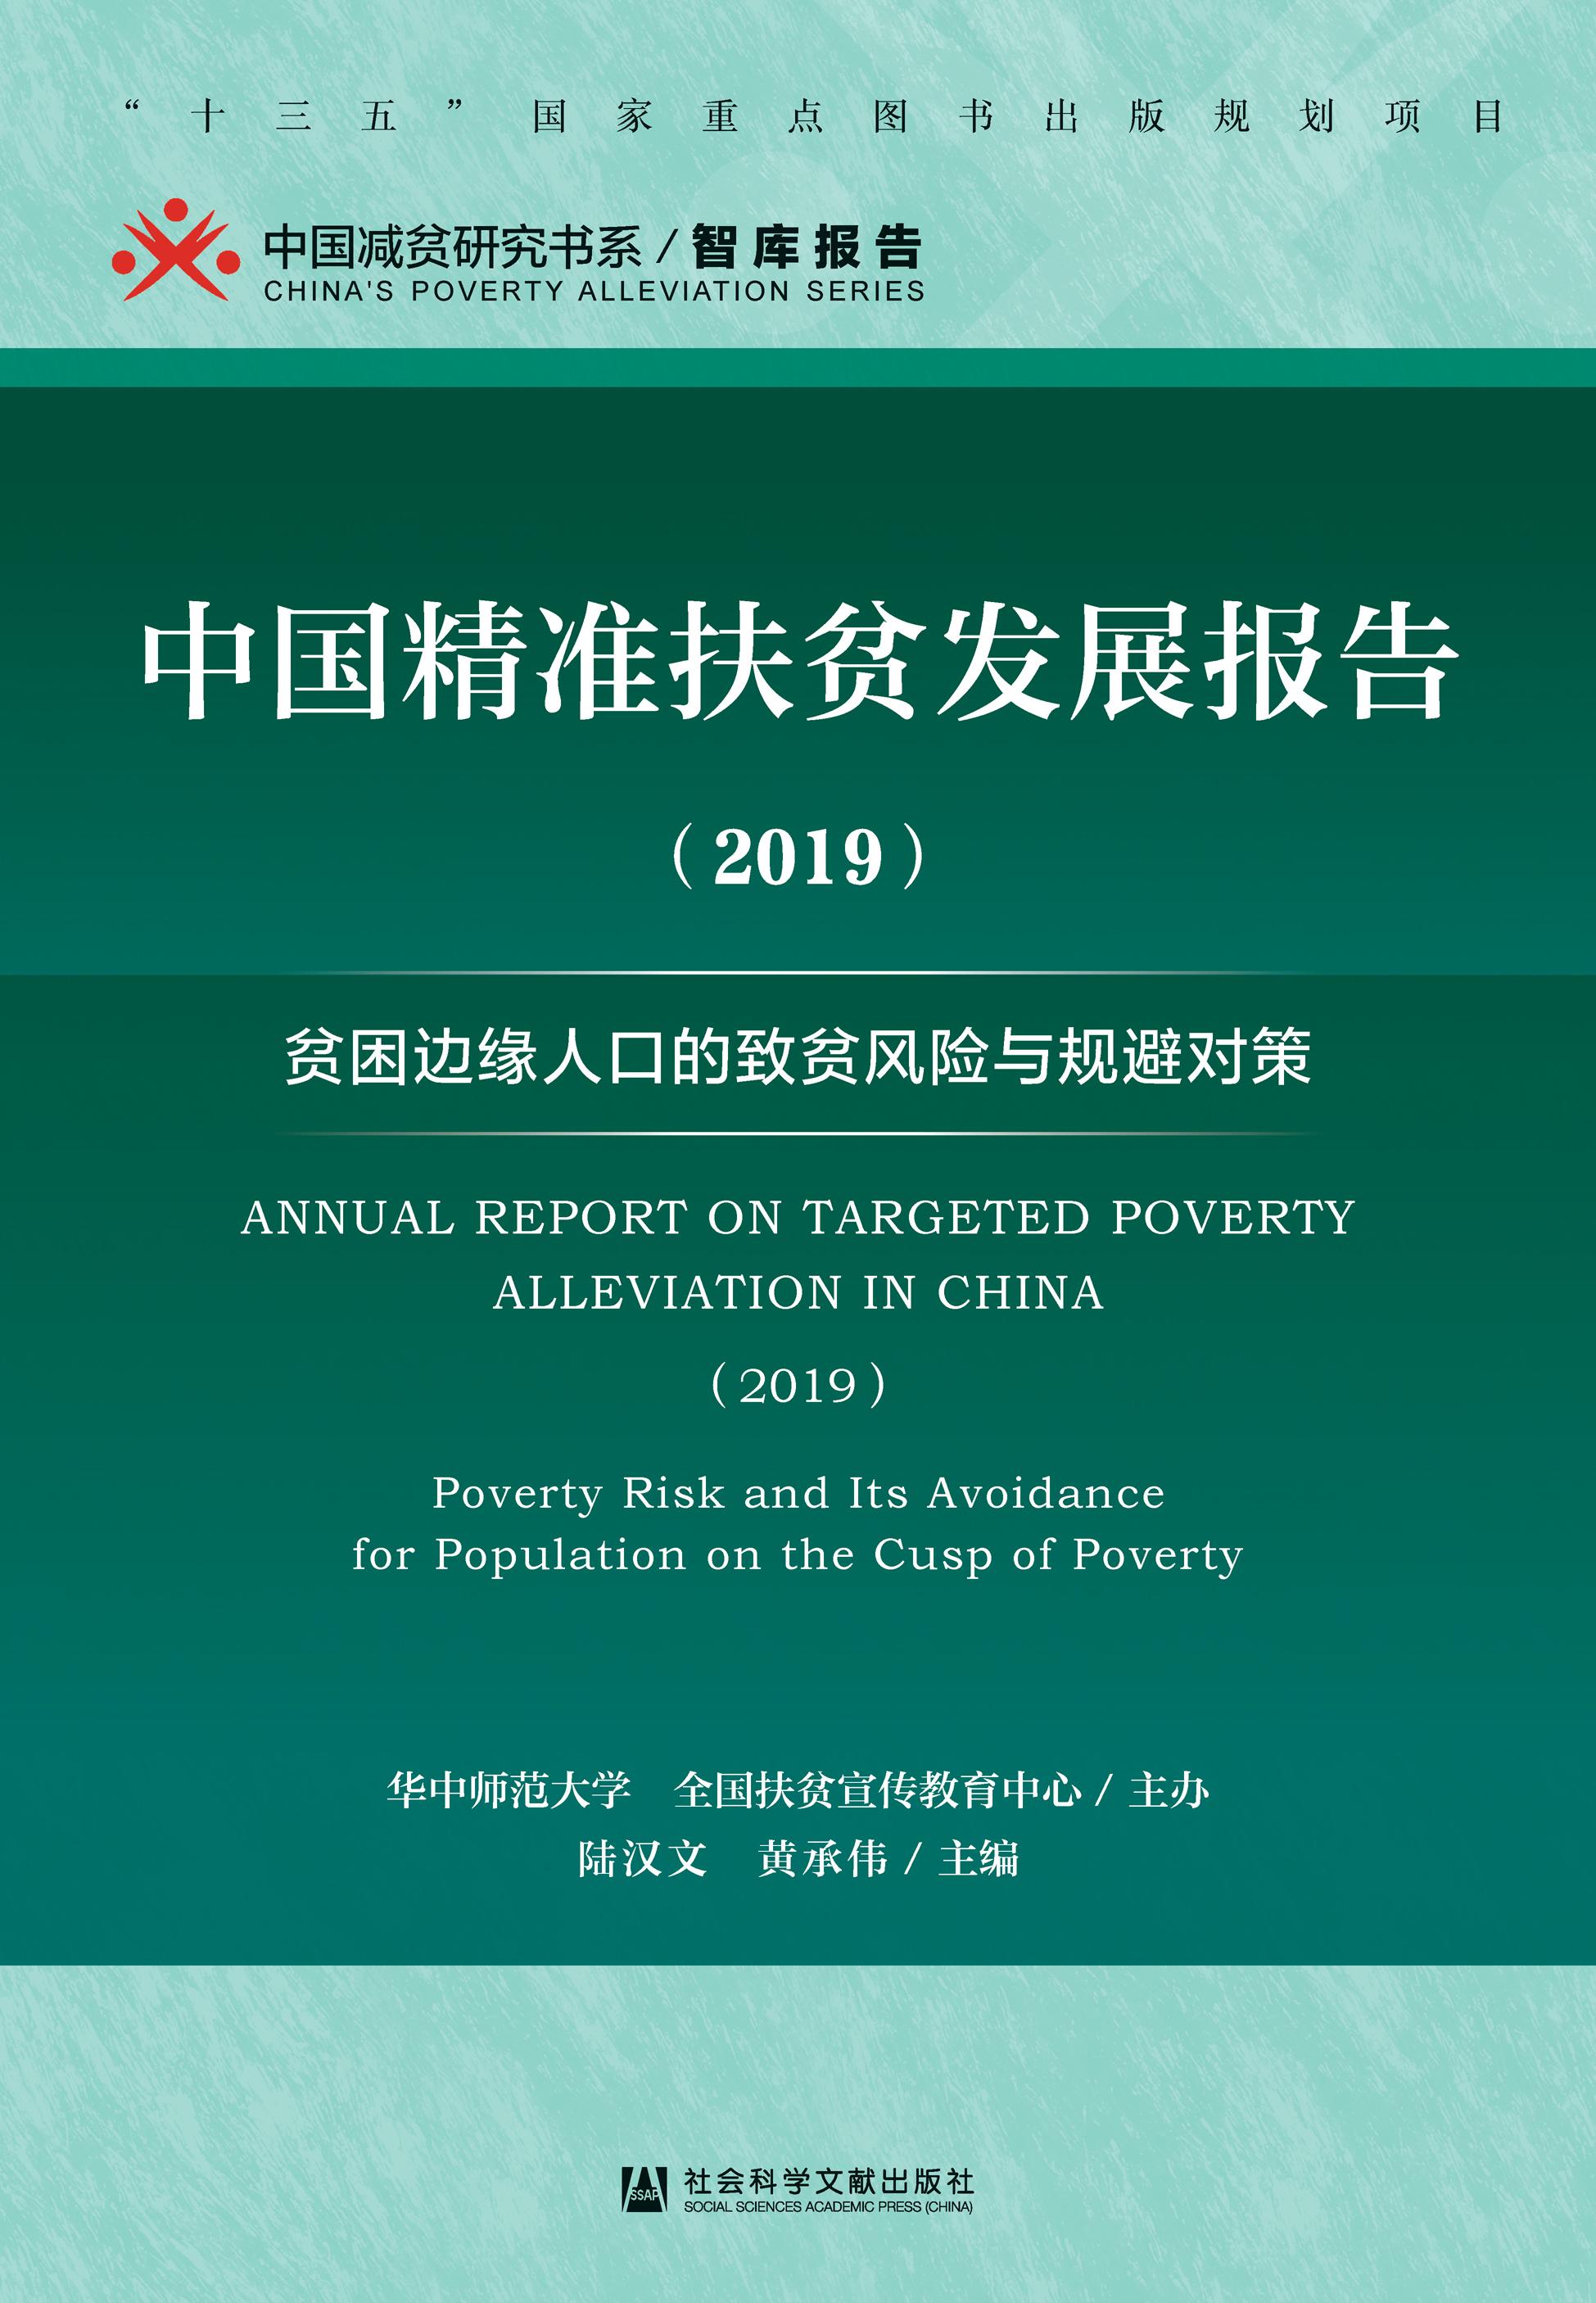 中国精准扶贫发展报告(2019)